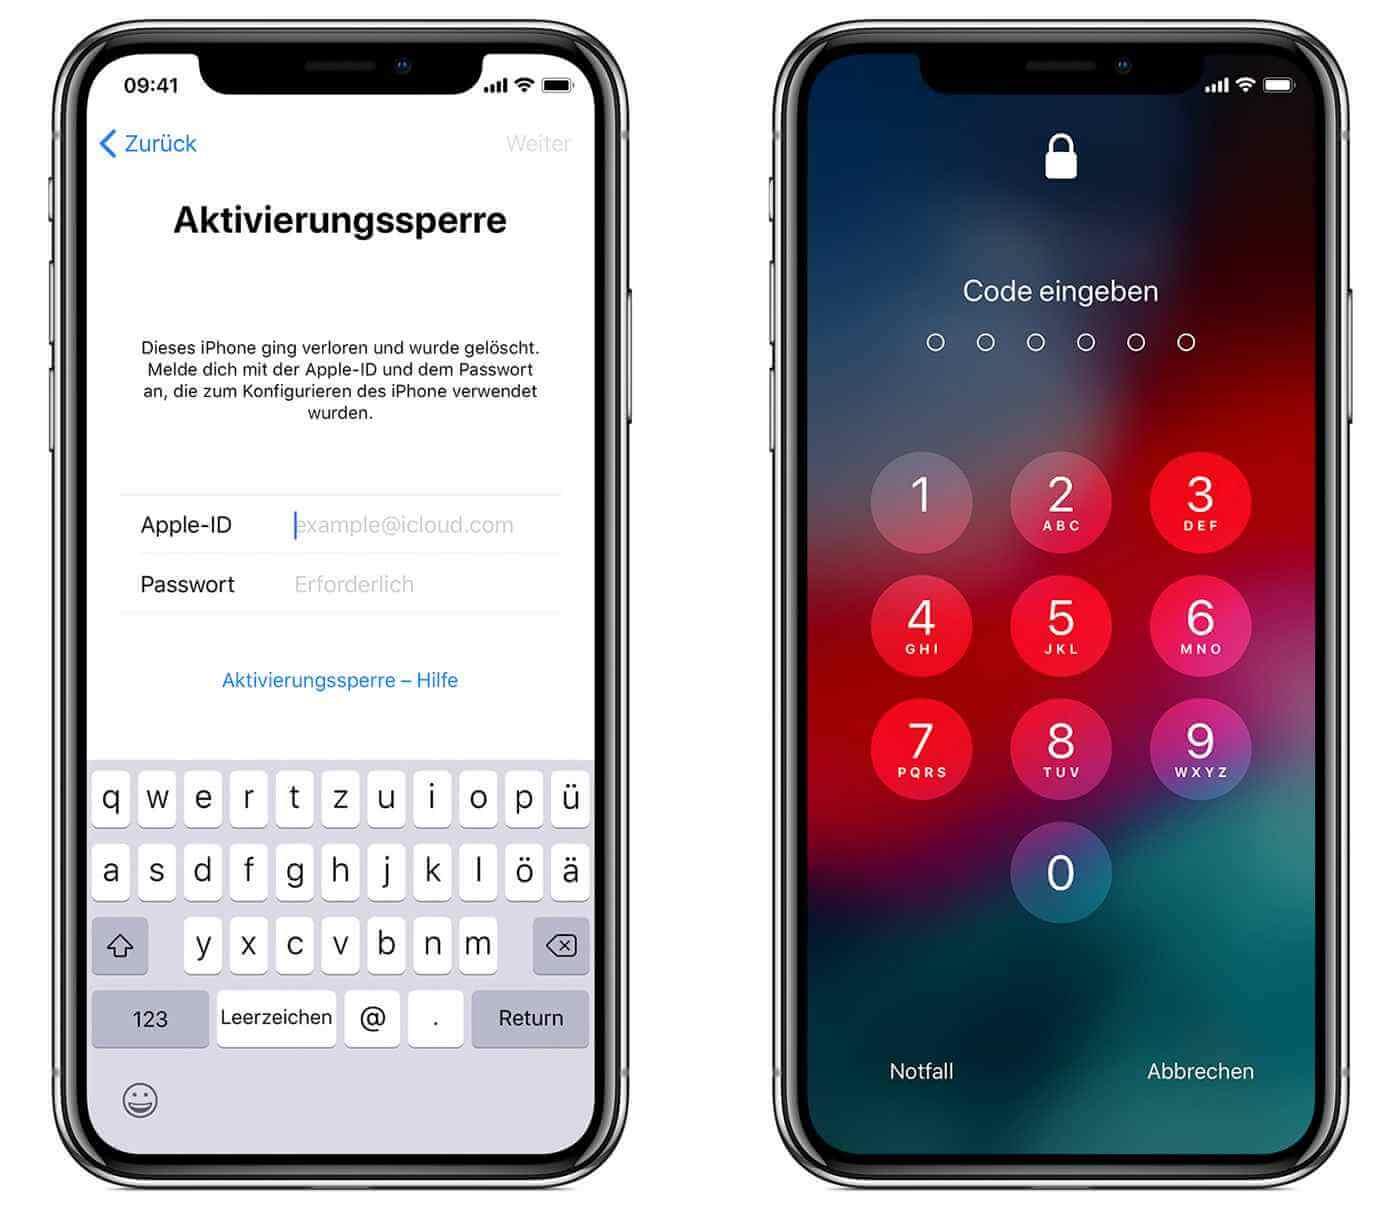 iPhone Aktivierungssperre Bildschirm